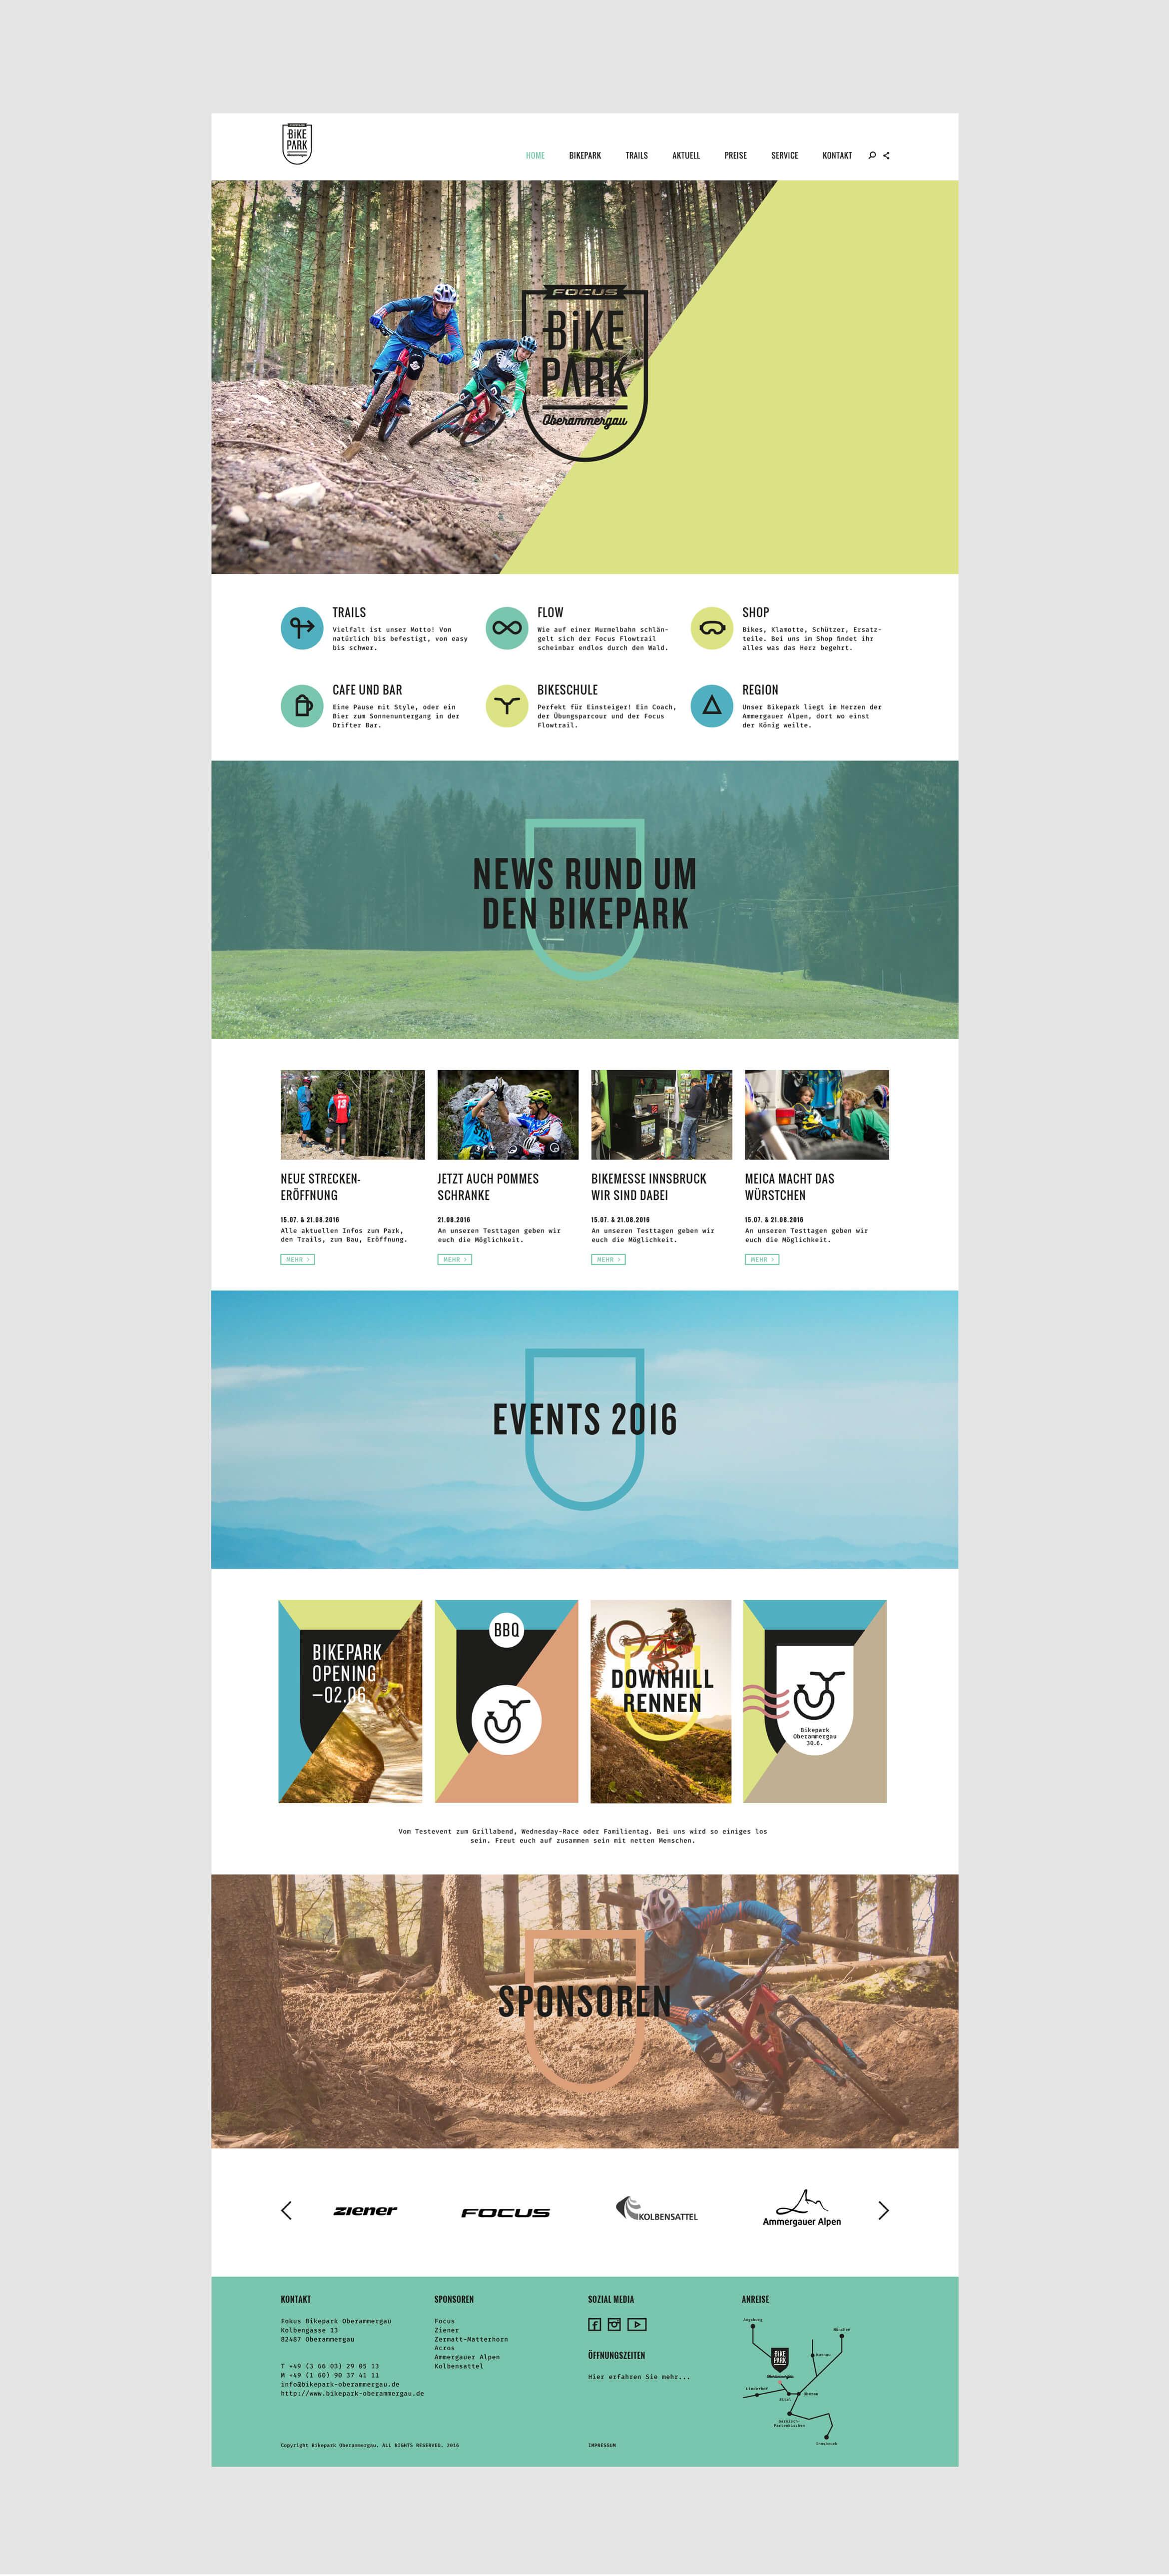 dreizehnundfuenf_design_studio_bikepark_2